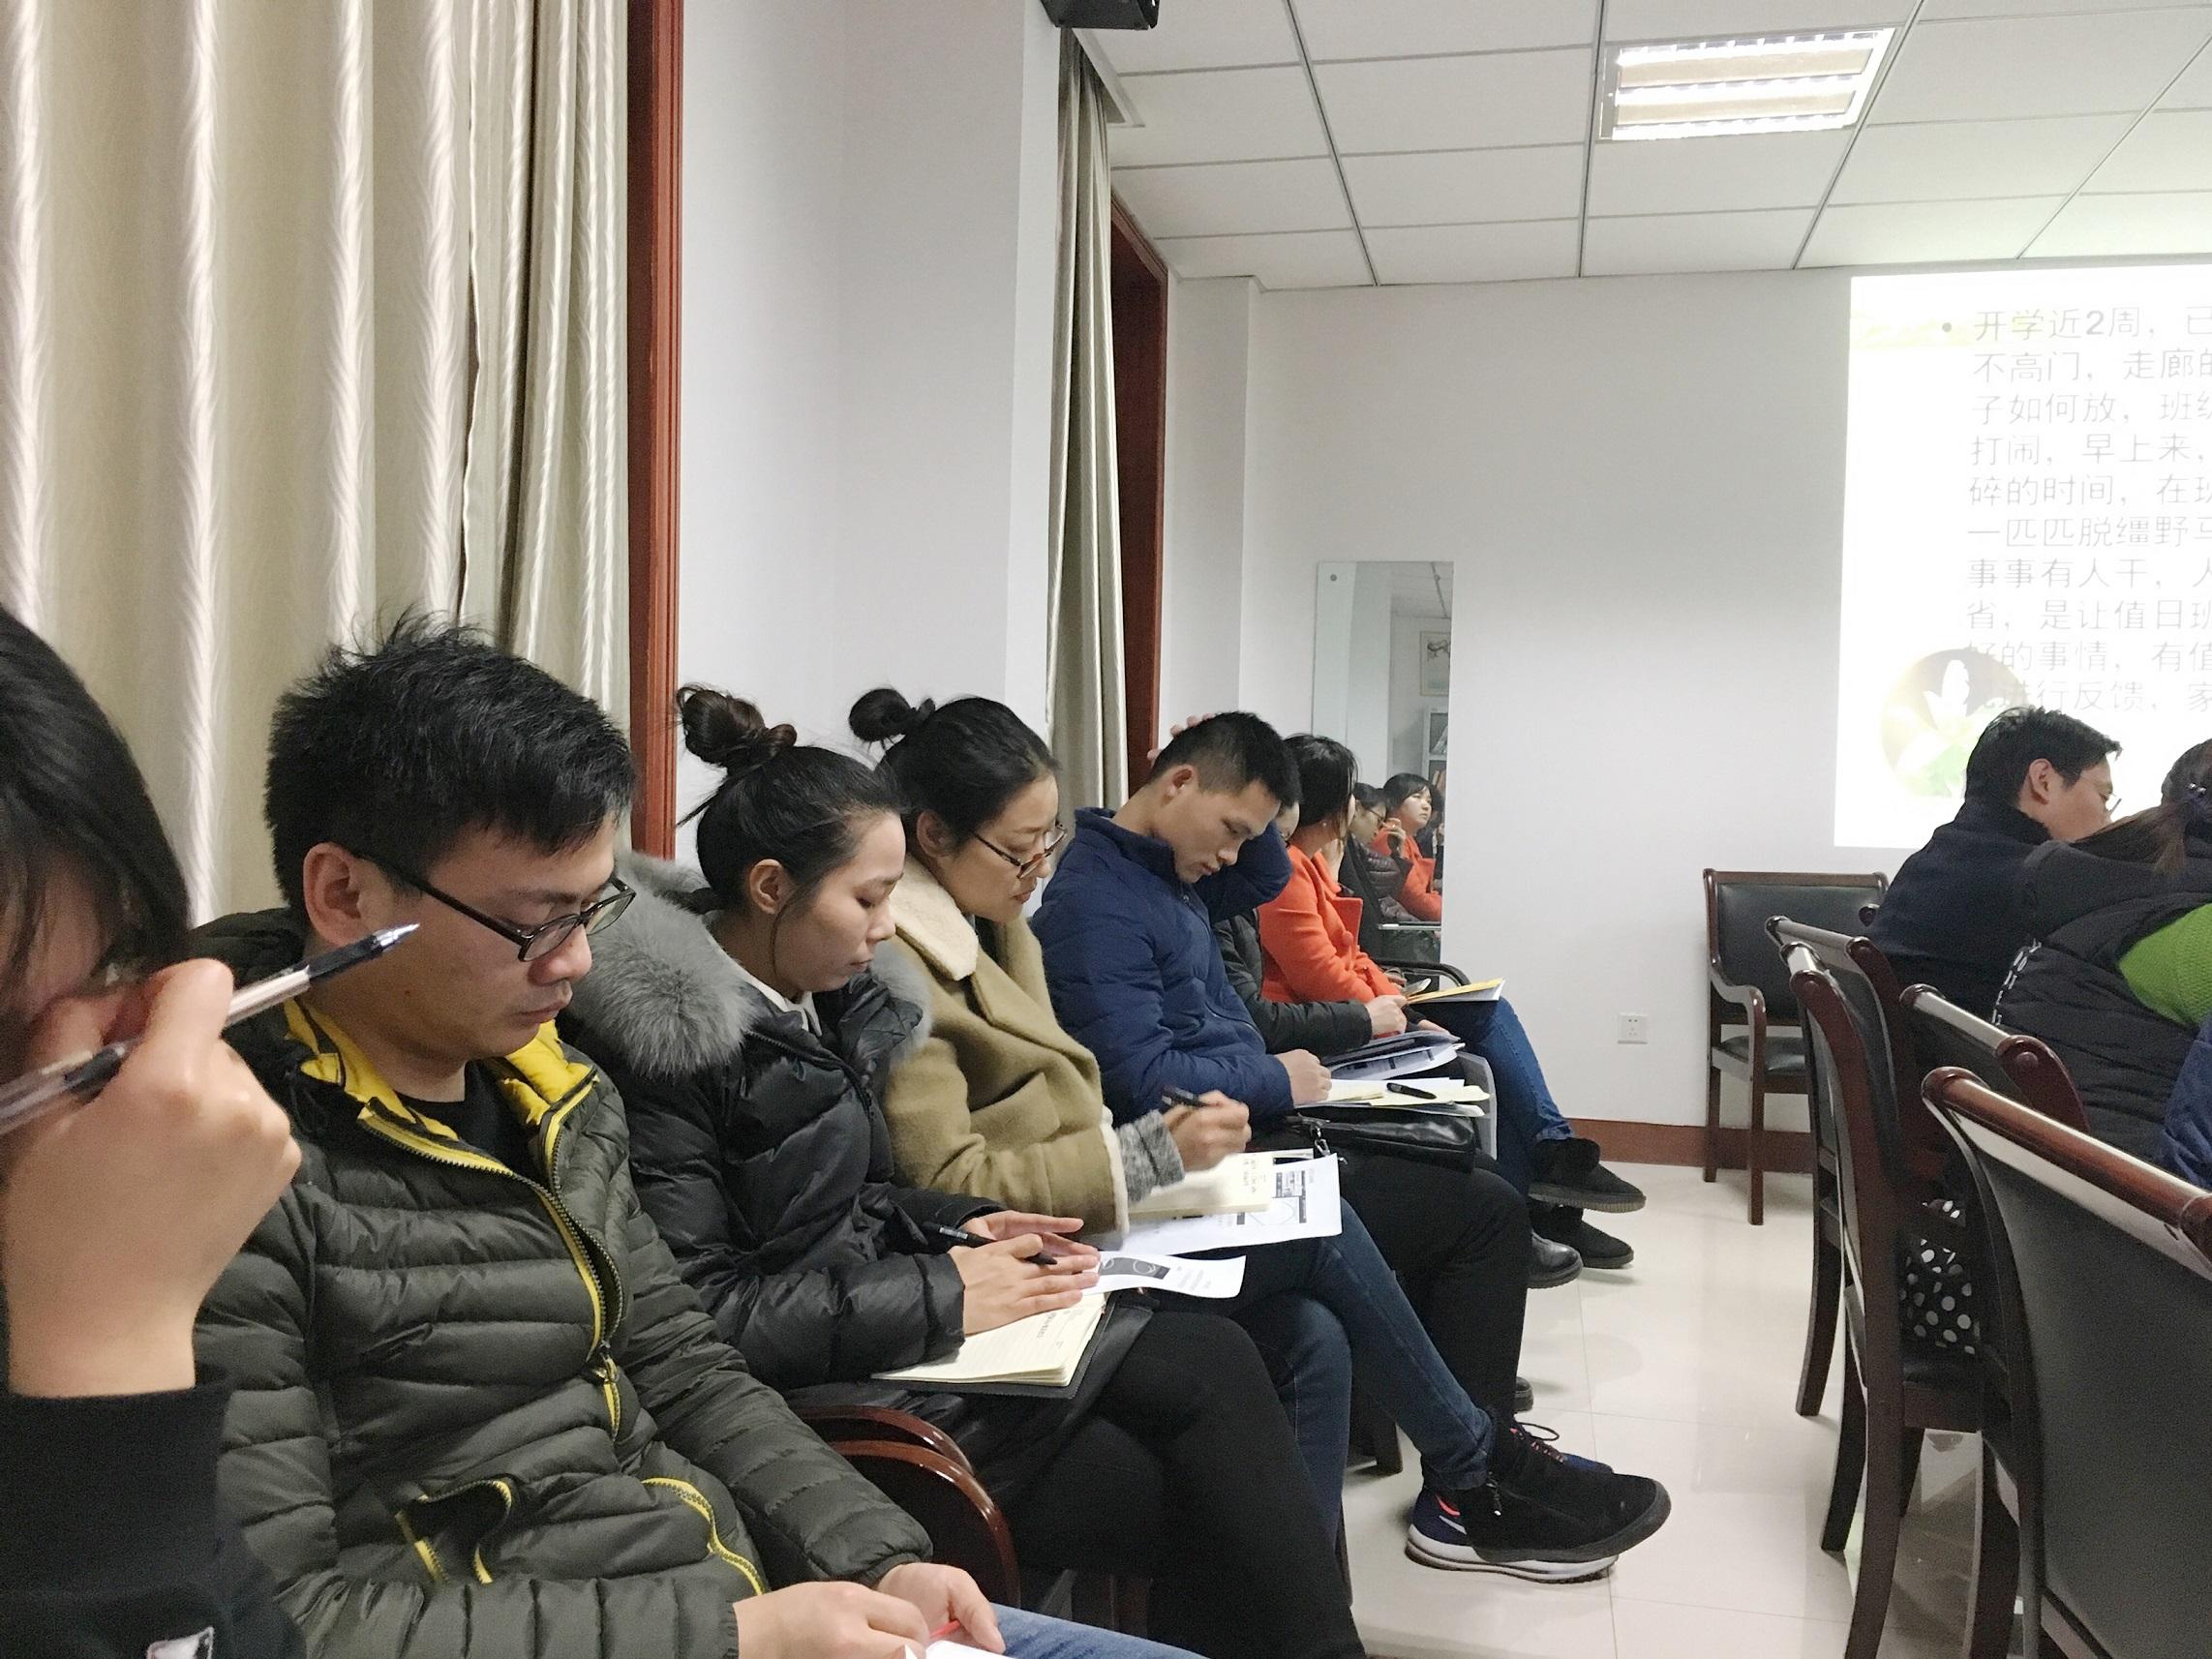 初中班主任会议记录_郑州八中召开2017年春季第一次班主任工作会议 - 郑州市第八中学